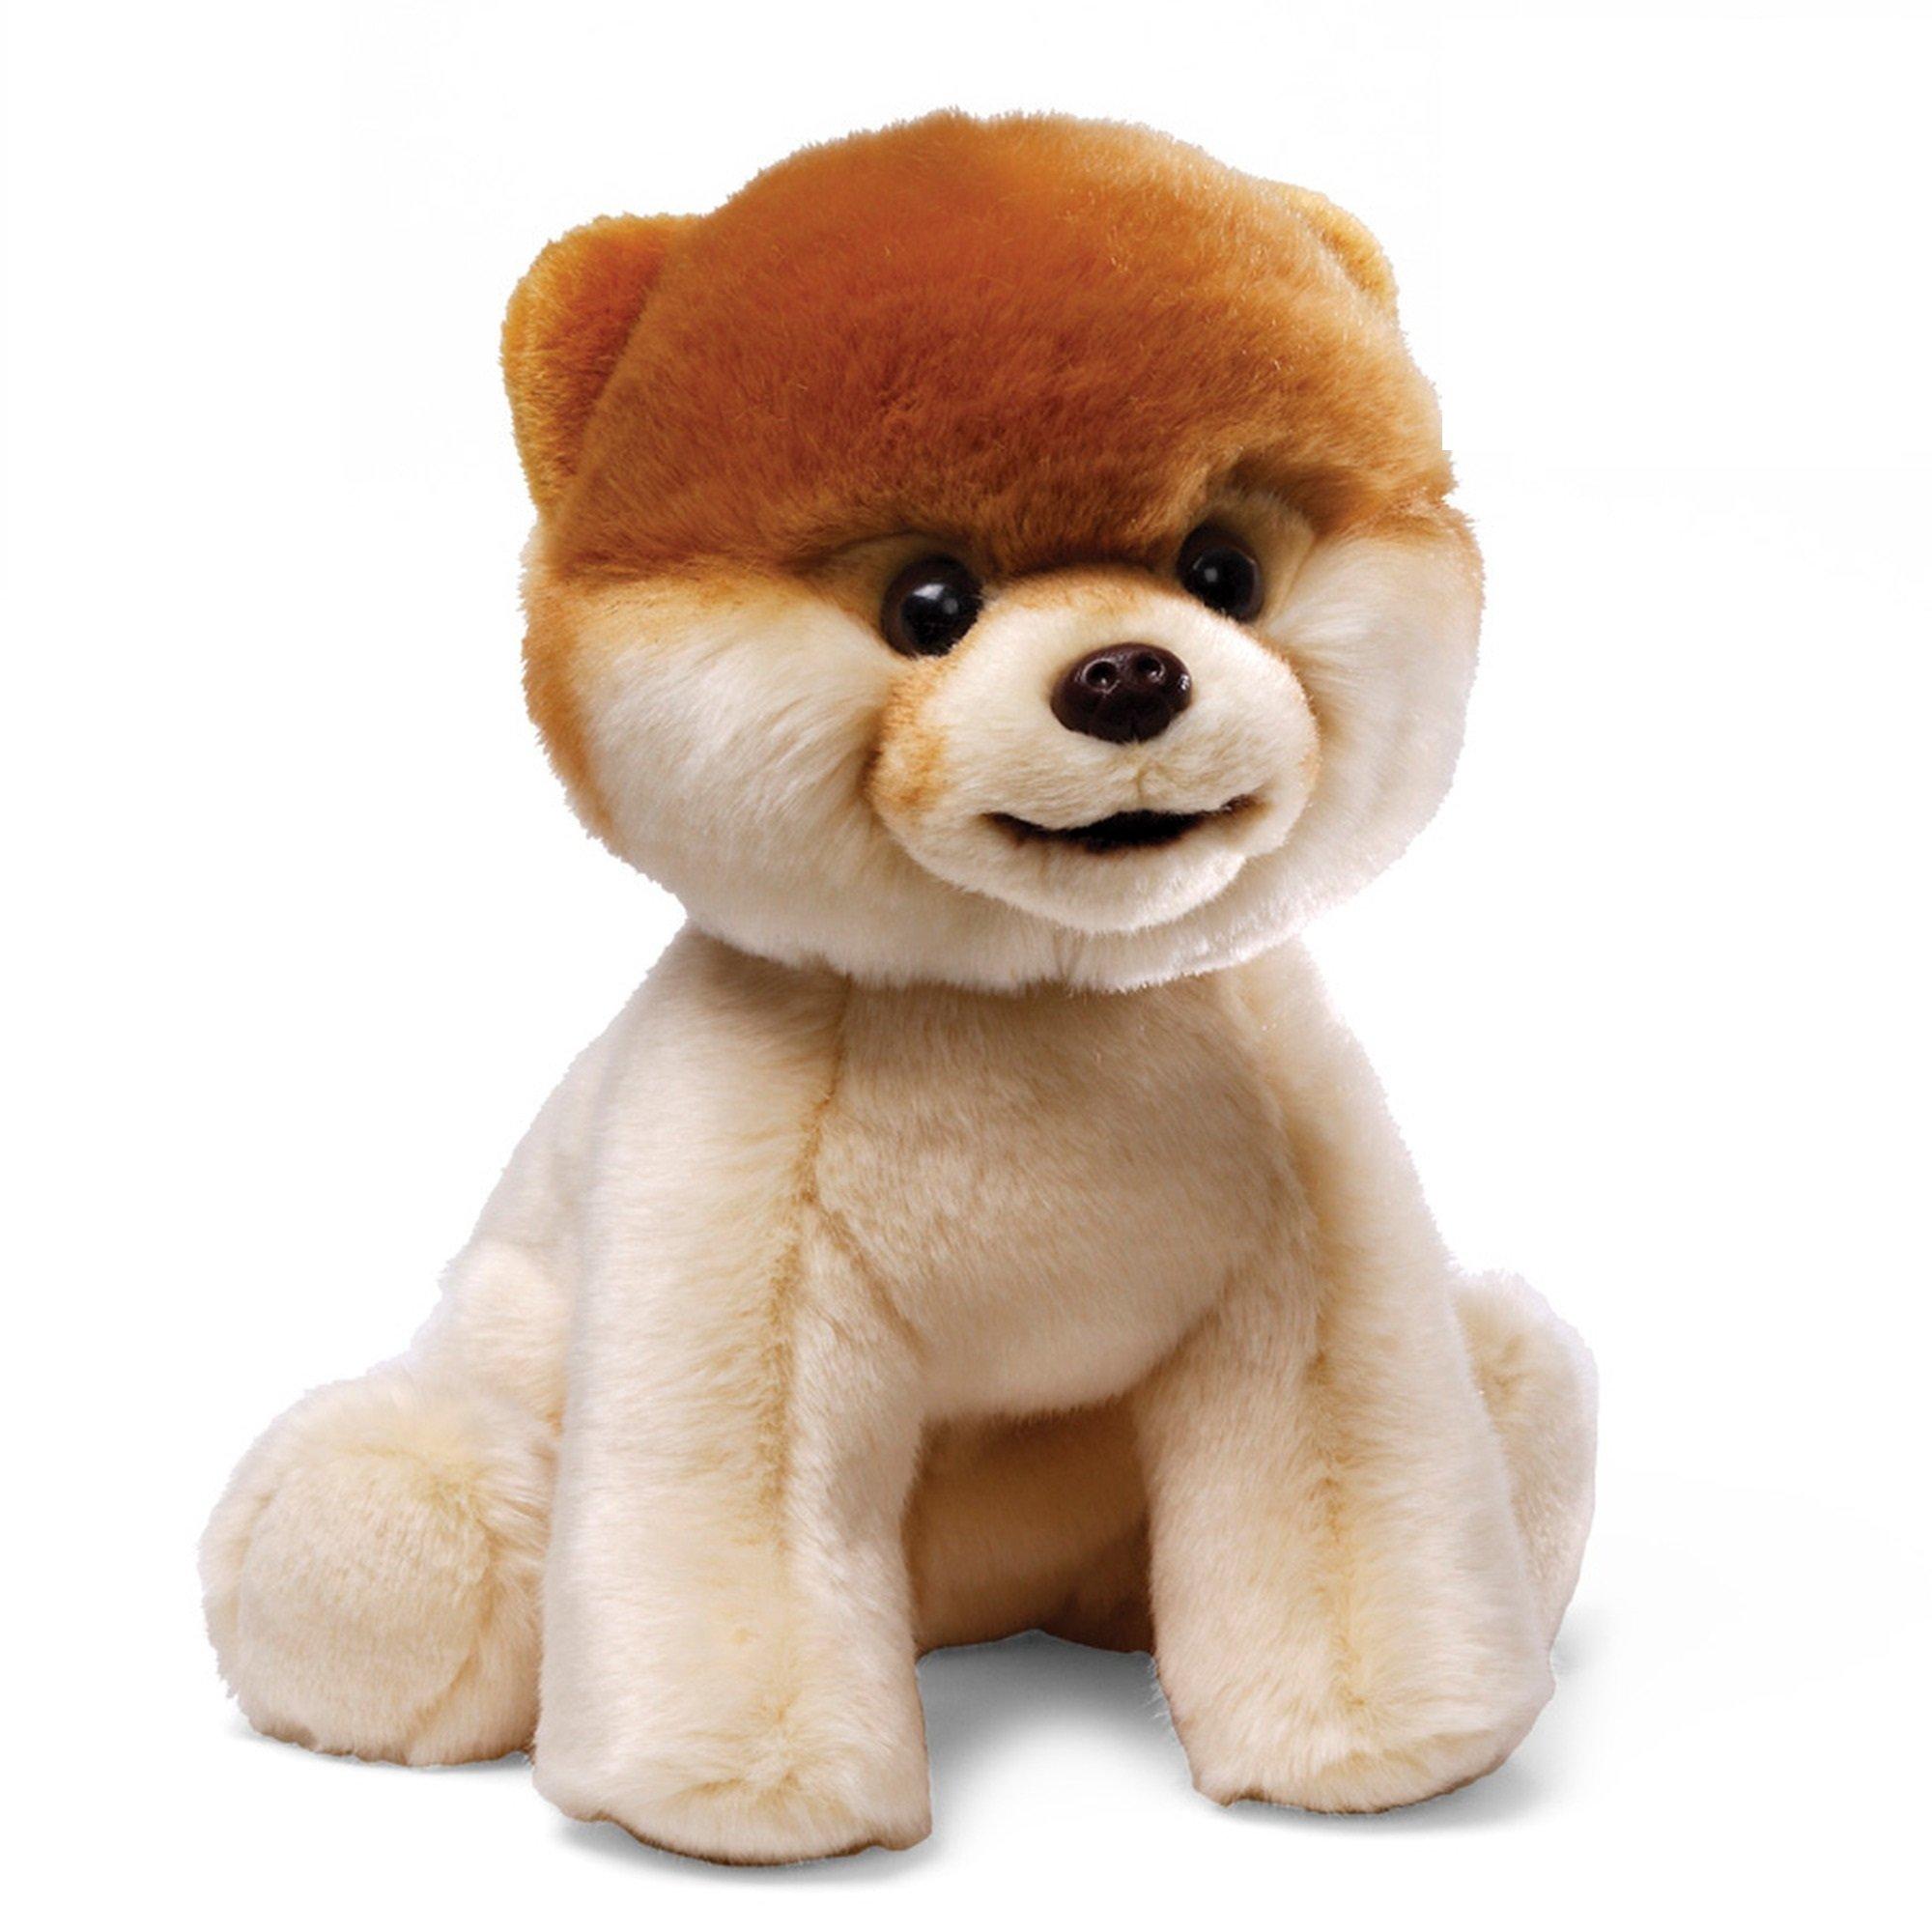 Amazon Com Gund 4029715 World S Cutest Dog Boo Stuffed Animal Plush